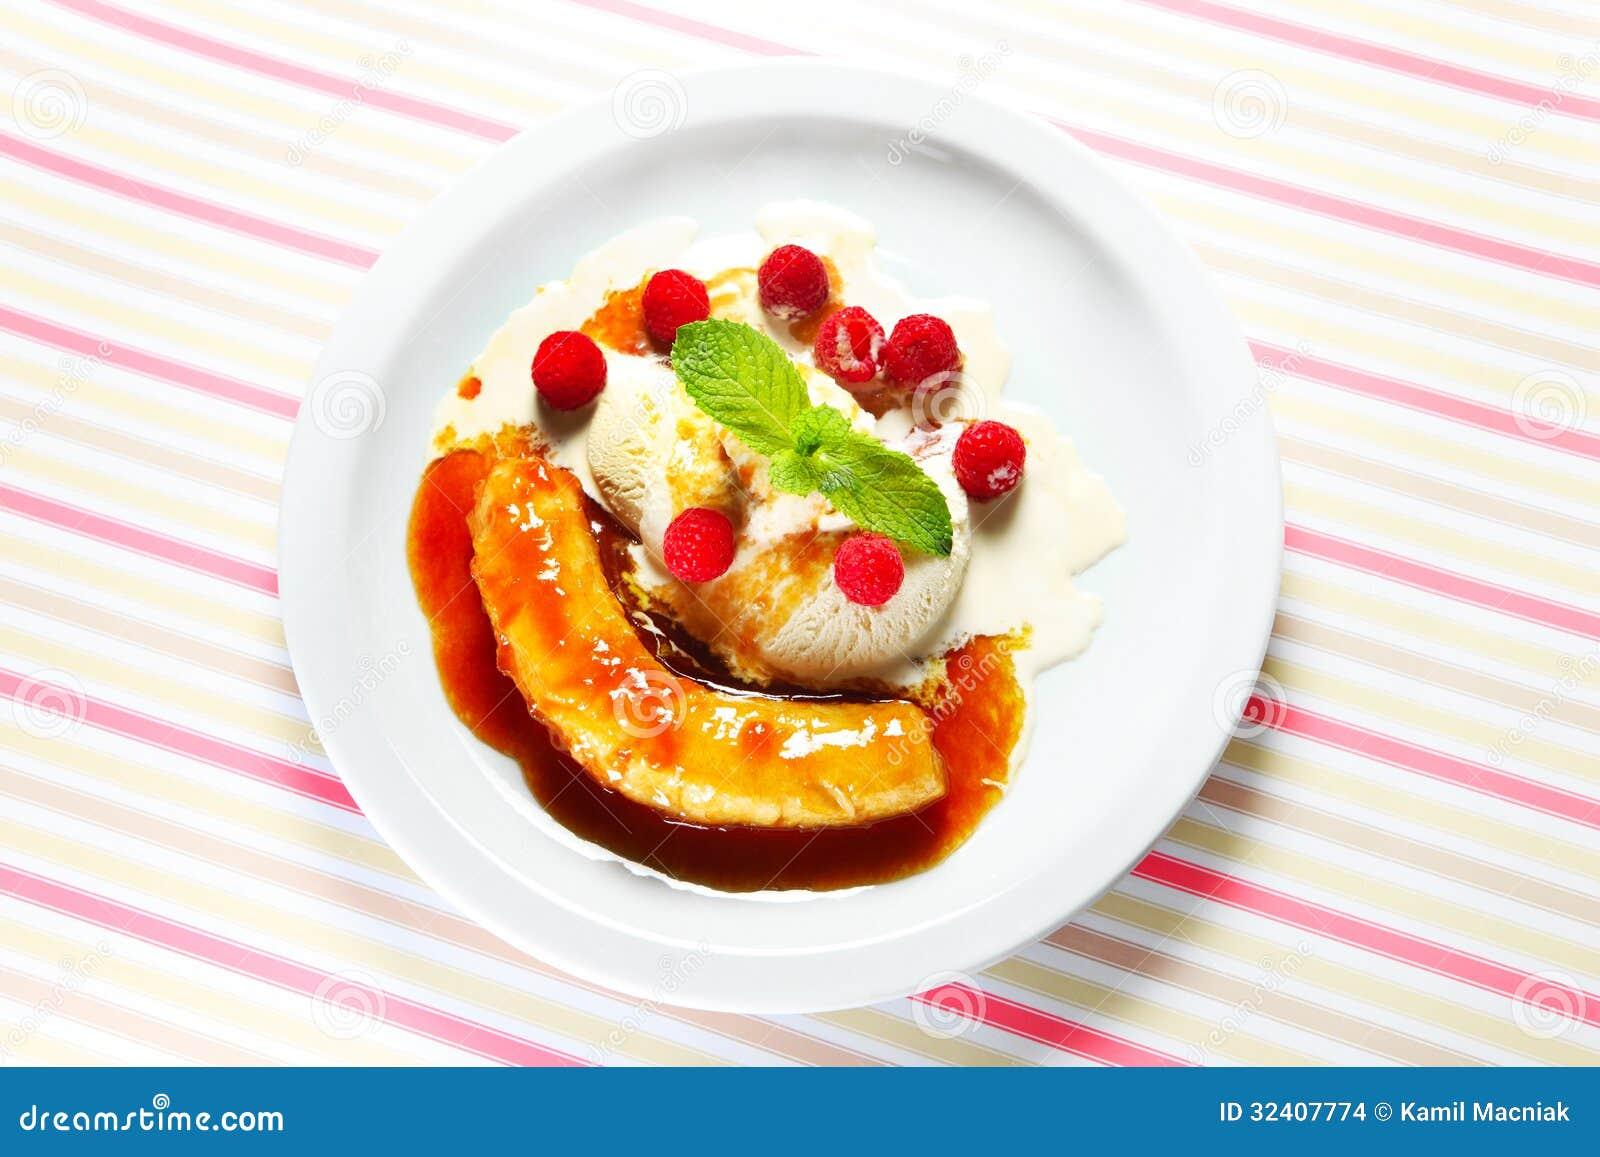 Diet Light Cake Whipped Fruit